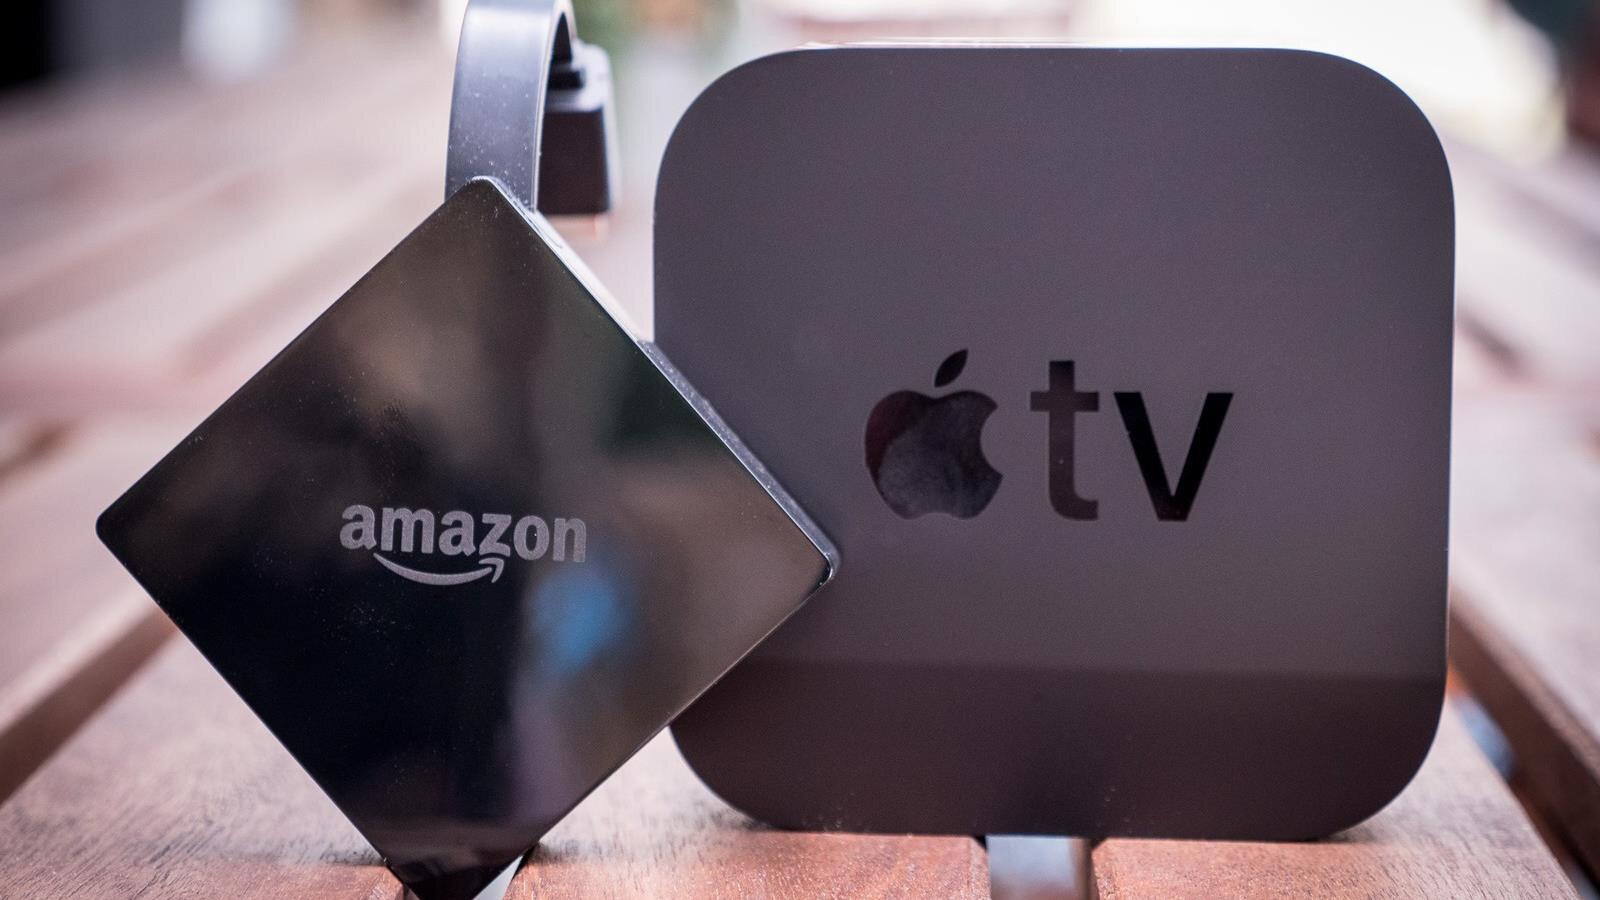 Amazon ve Apple arasındaki çetin rekabette bu hafta bir ilk yaşandı. Amazon ve Apple, tarihlerinde ilk kez, haftayı aynı değerle yani 820 milyar dolar ile kapattı.